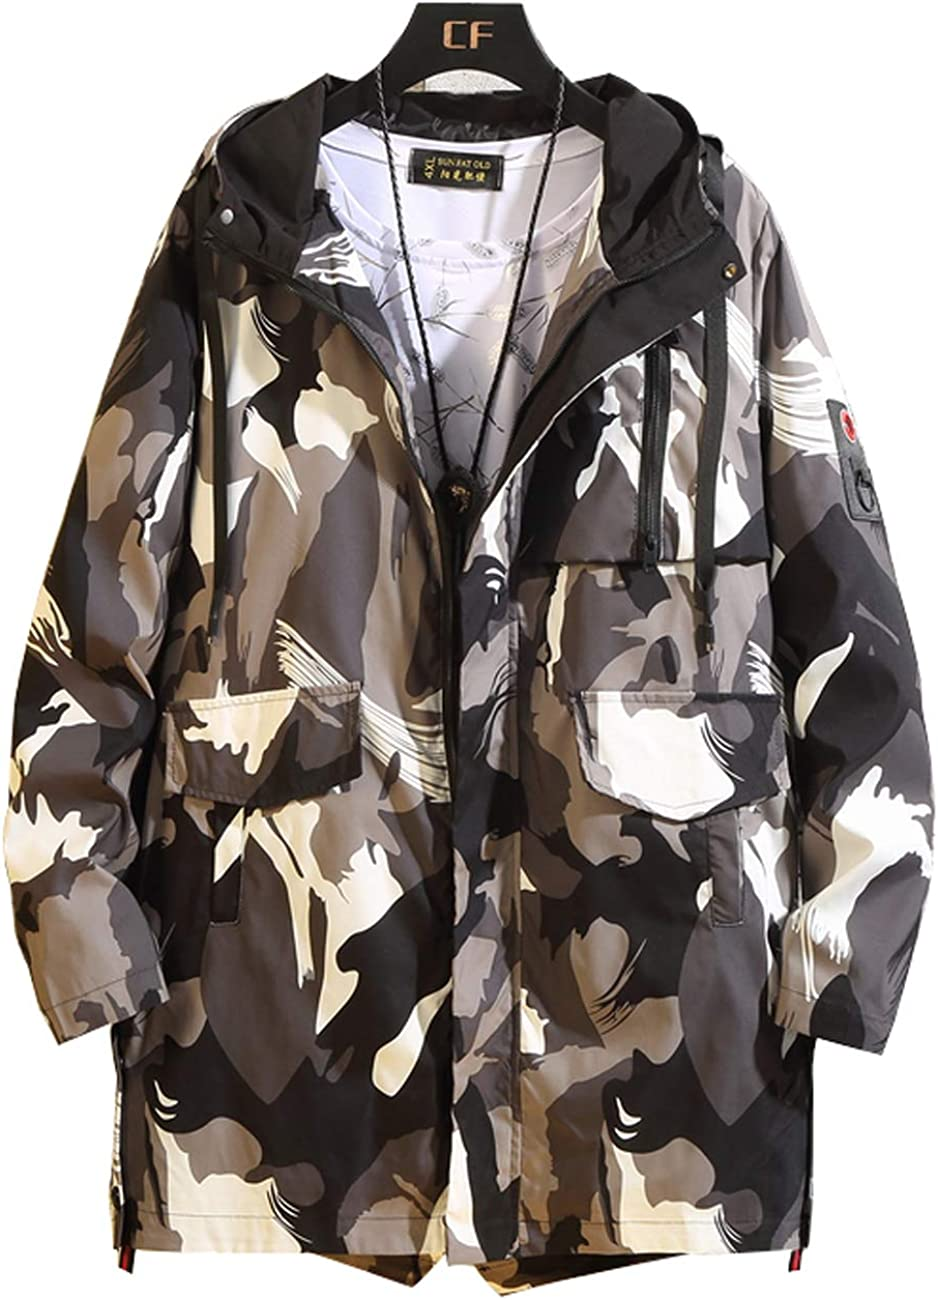 Zoulee Men's Zip Waterproof Jacket Lightweight Long Rain Jacket Outdoor Hooded Trench